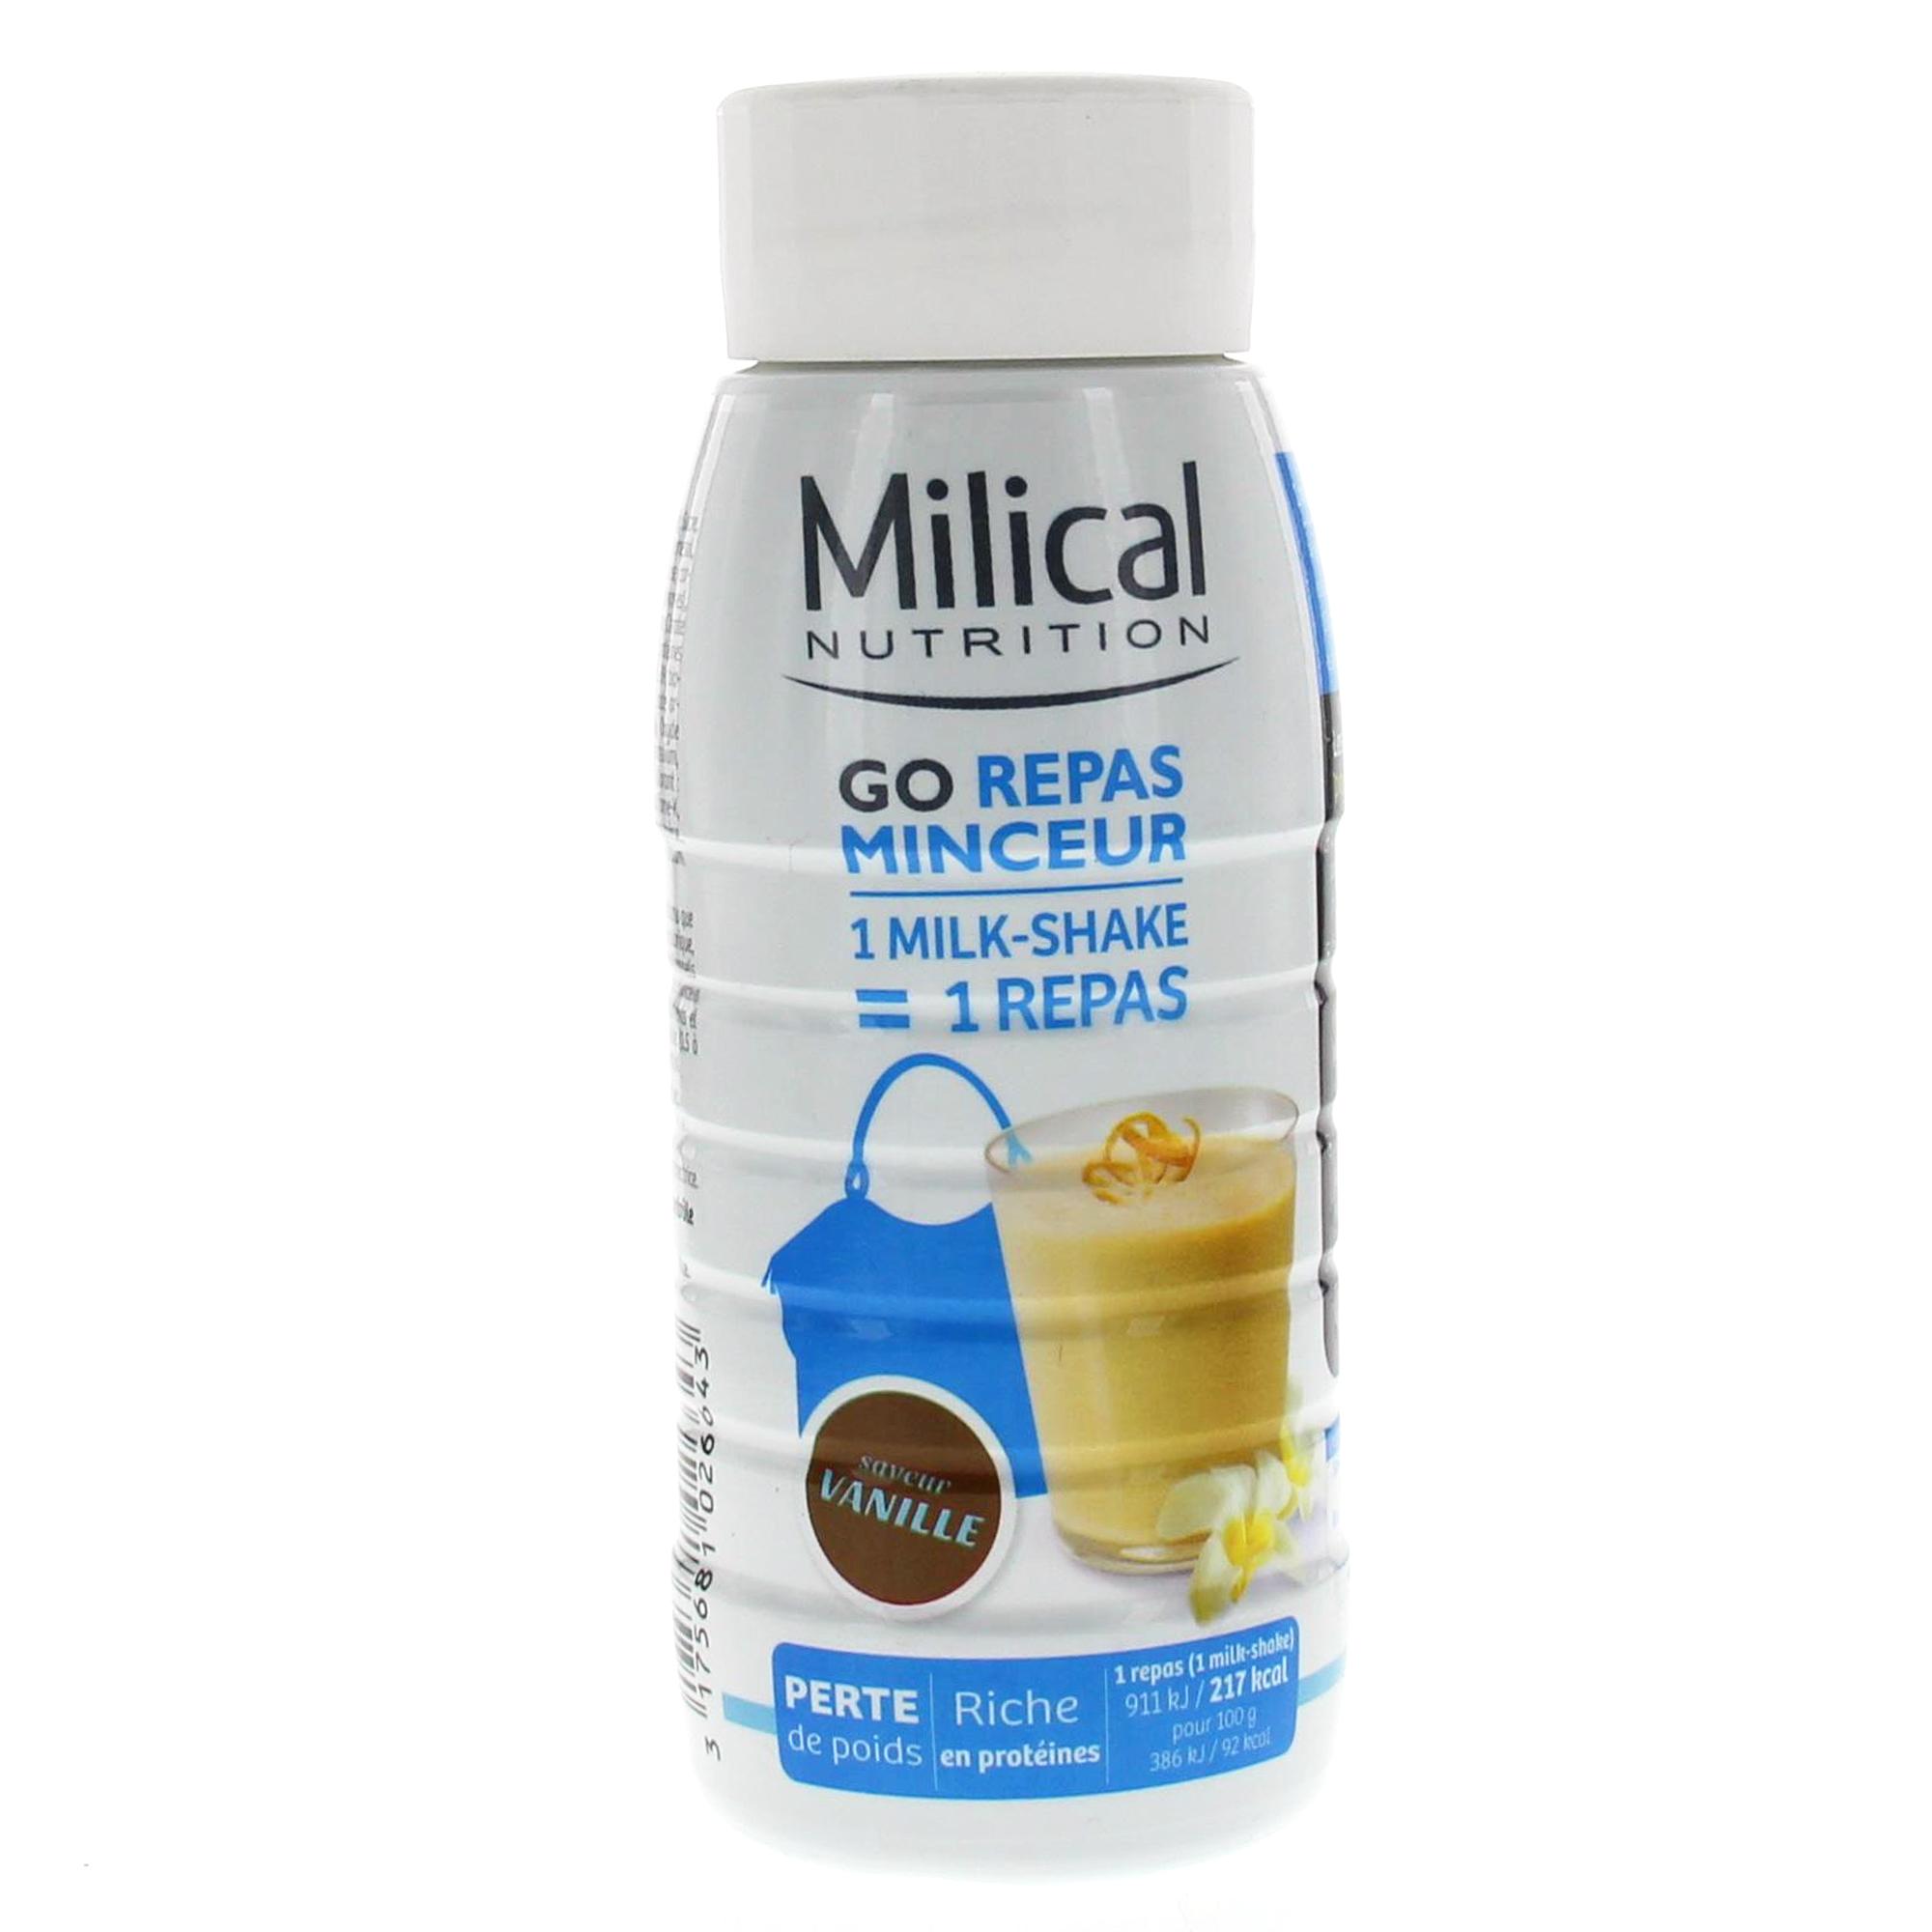 MILICAL Go repas minceur boisson goût vanille 236ml